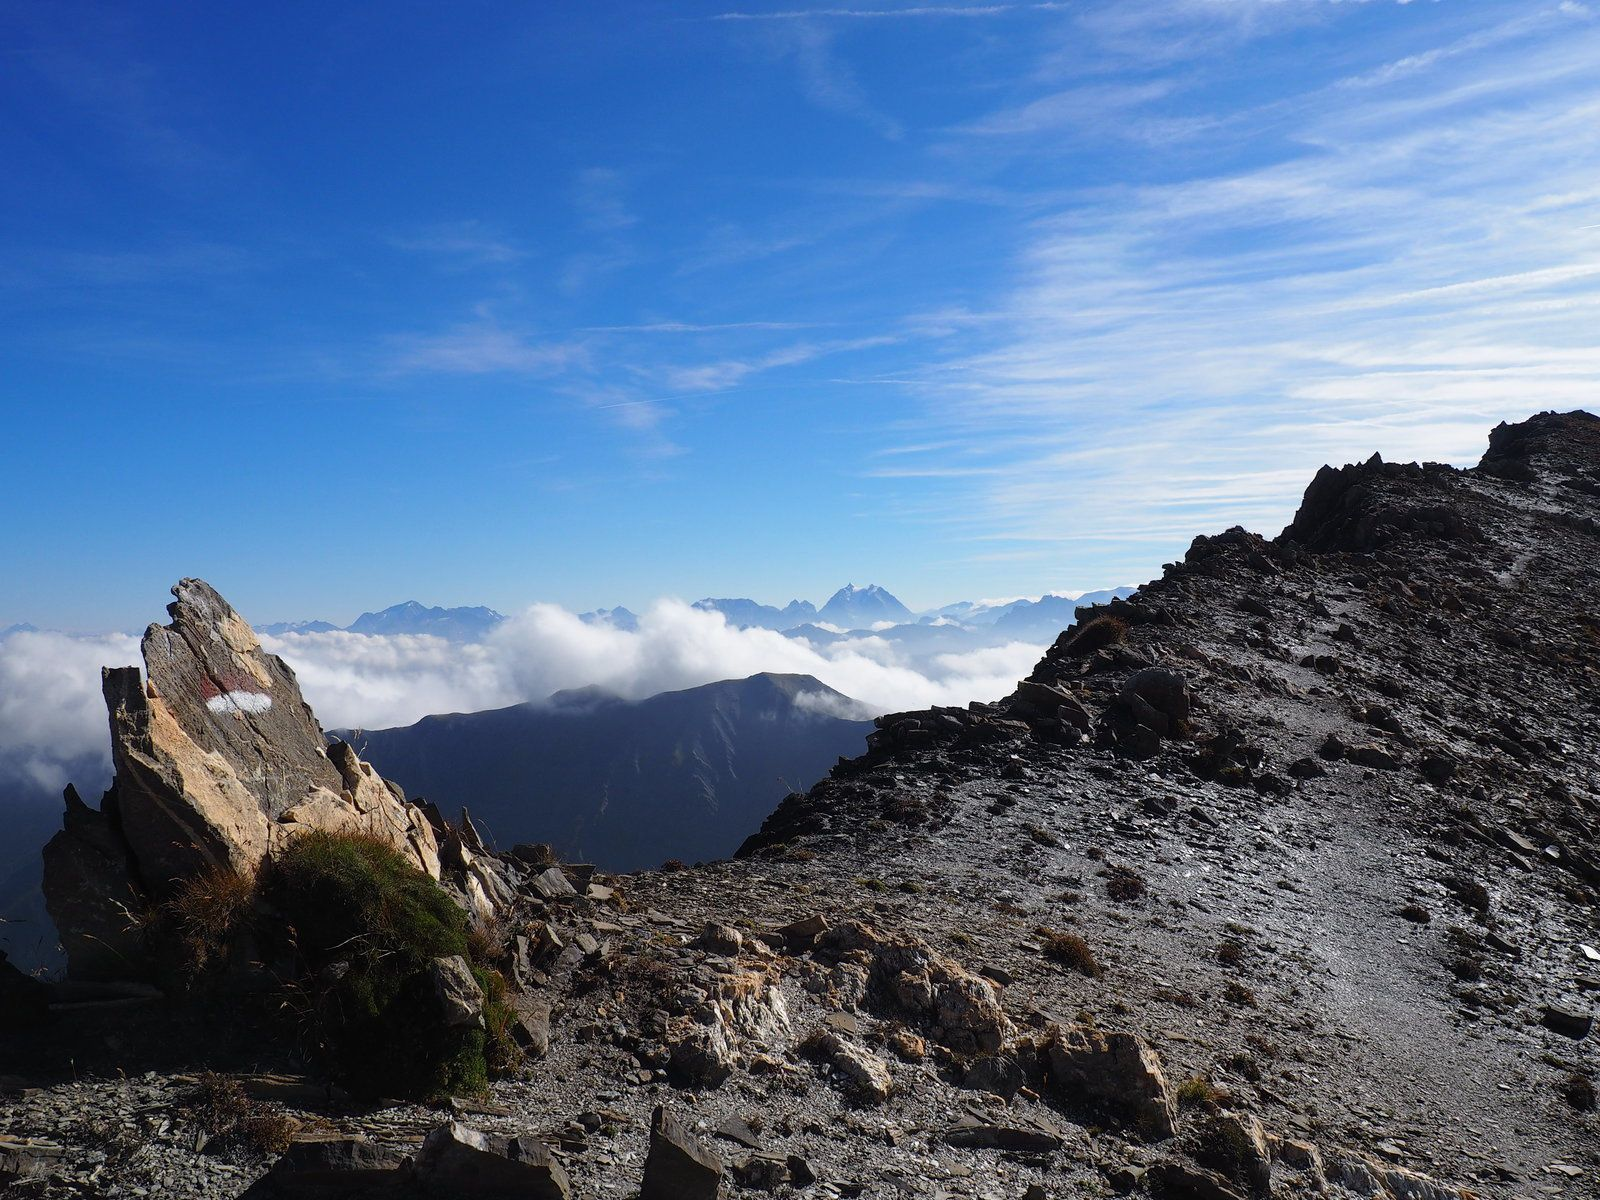 Le Grand Coin 2730m depuis le col du Chaussy ou La Haut Rando au dessus des nuages.